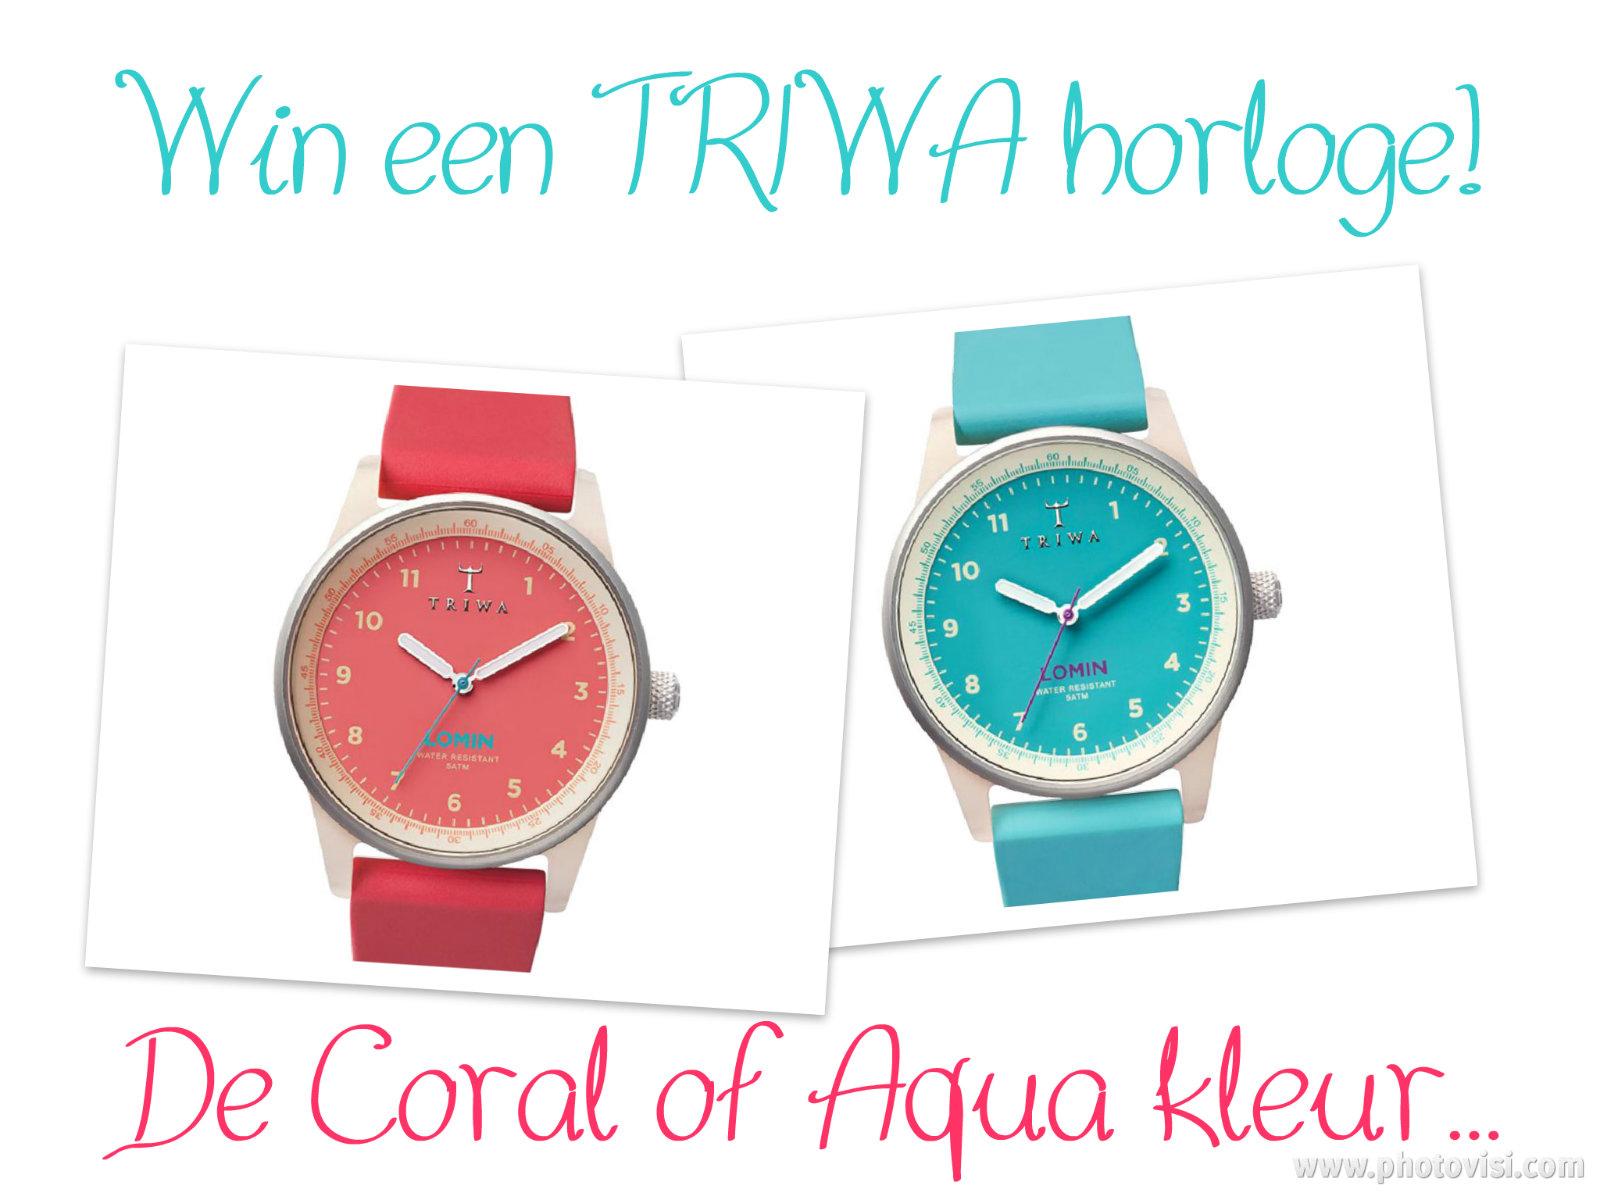 Winactie maart 2020! Maak kans op gratis horloge t.w.v. €99!